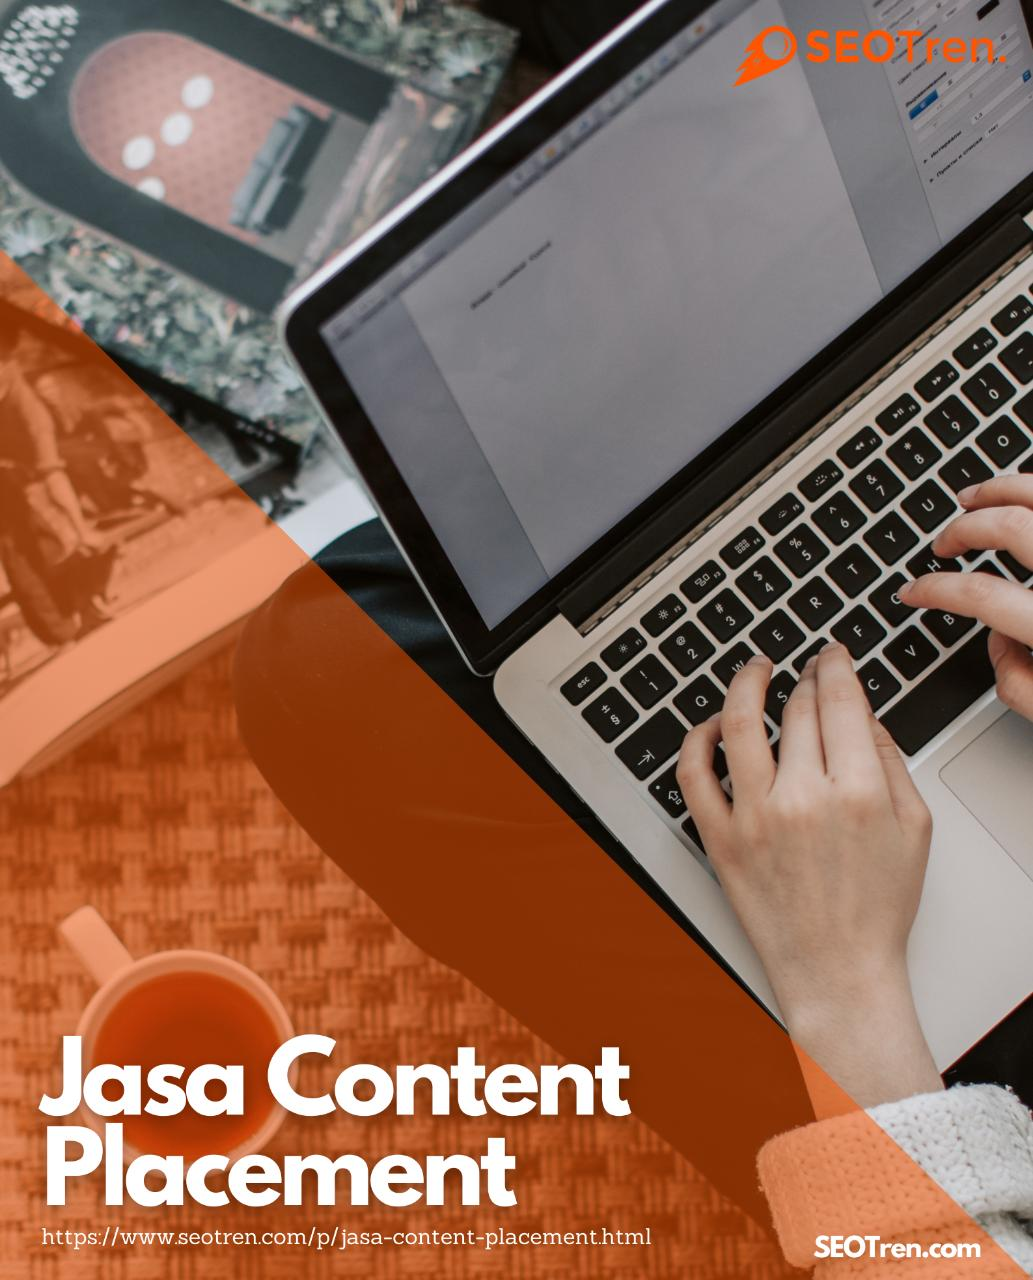 Jasa Content Placement High Traffic & Berkualitas